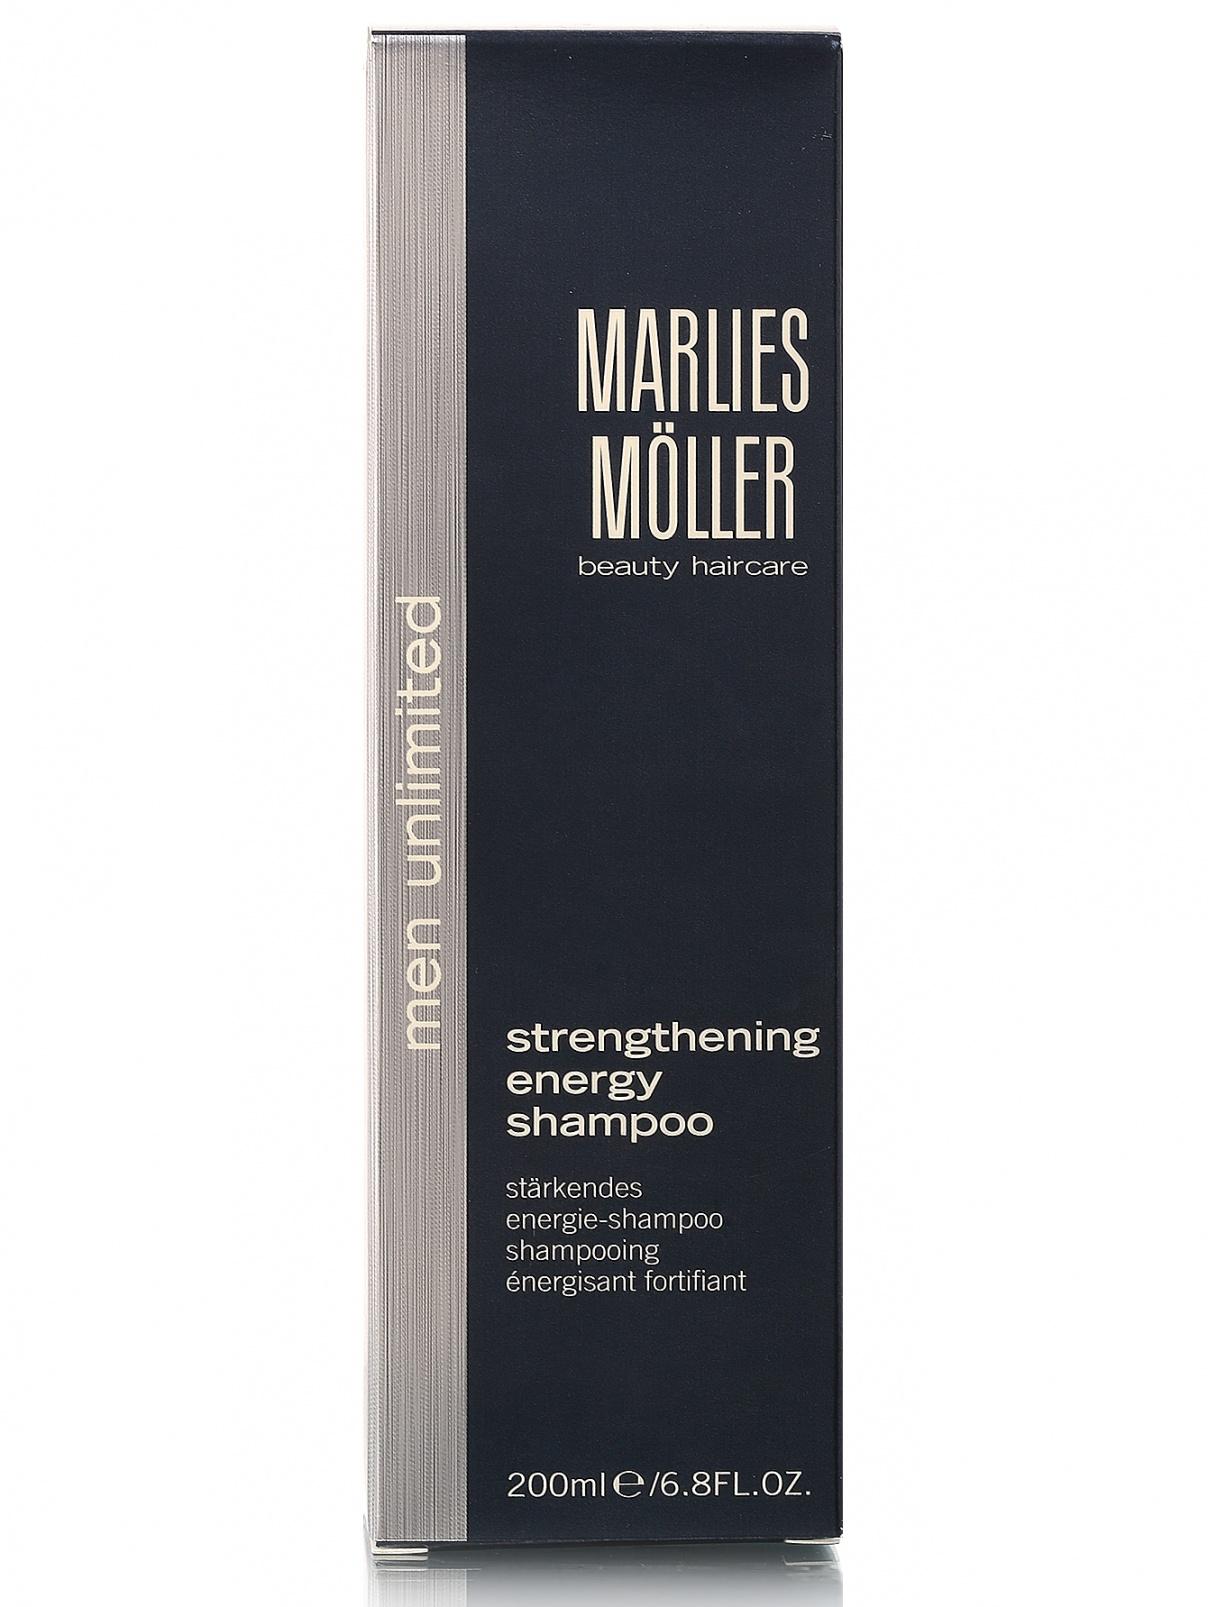 Укрепляющий шампунь - Men Unlimited, 200ml Marlies Moller  –  Модель Общий вид